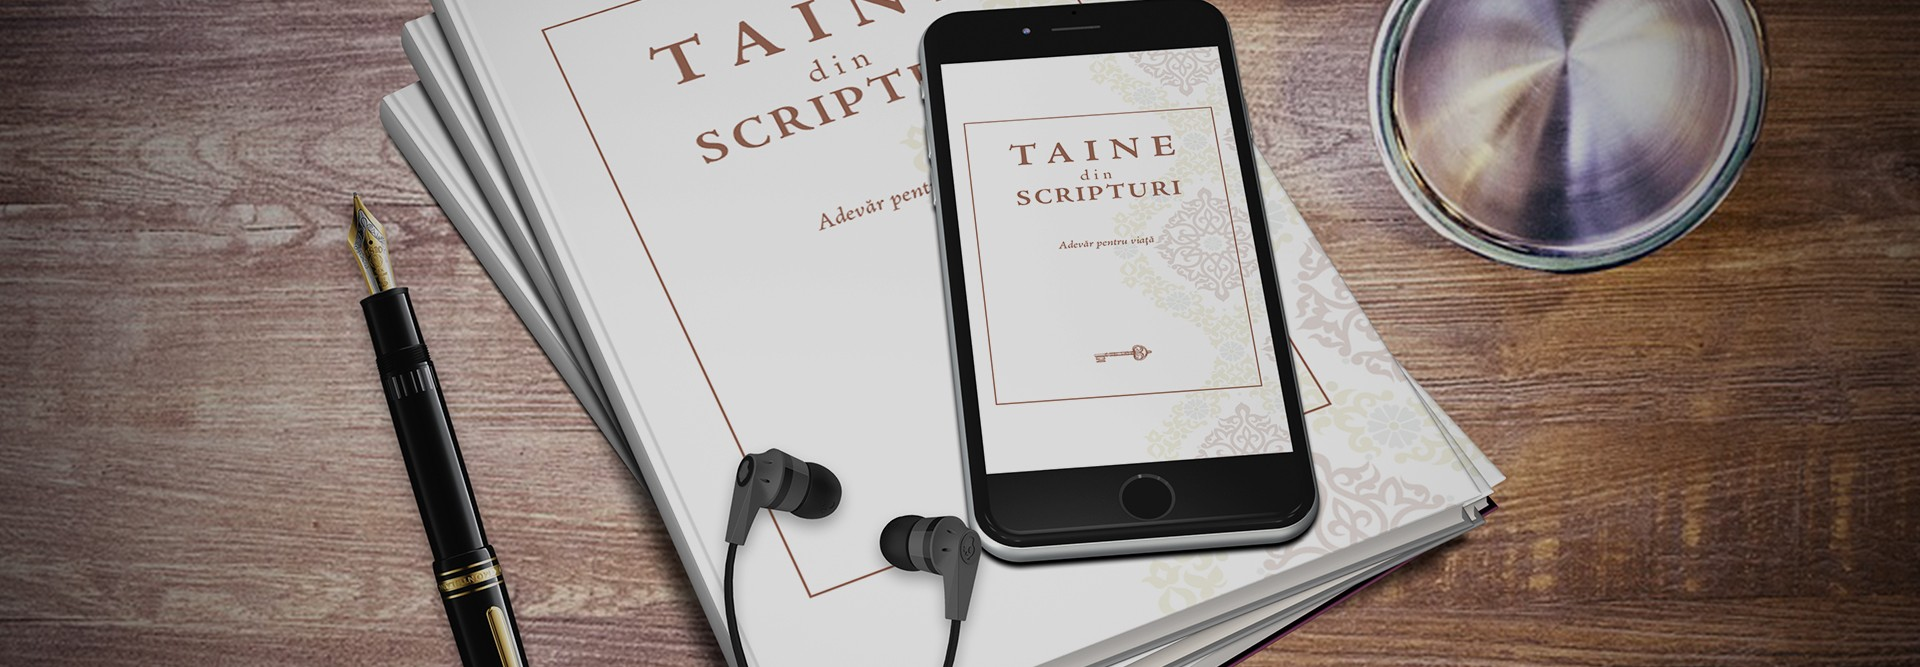 audiobook TDS